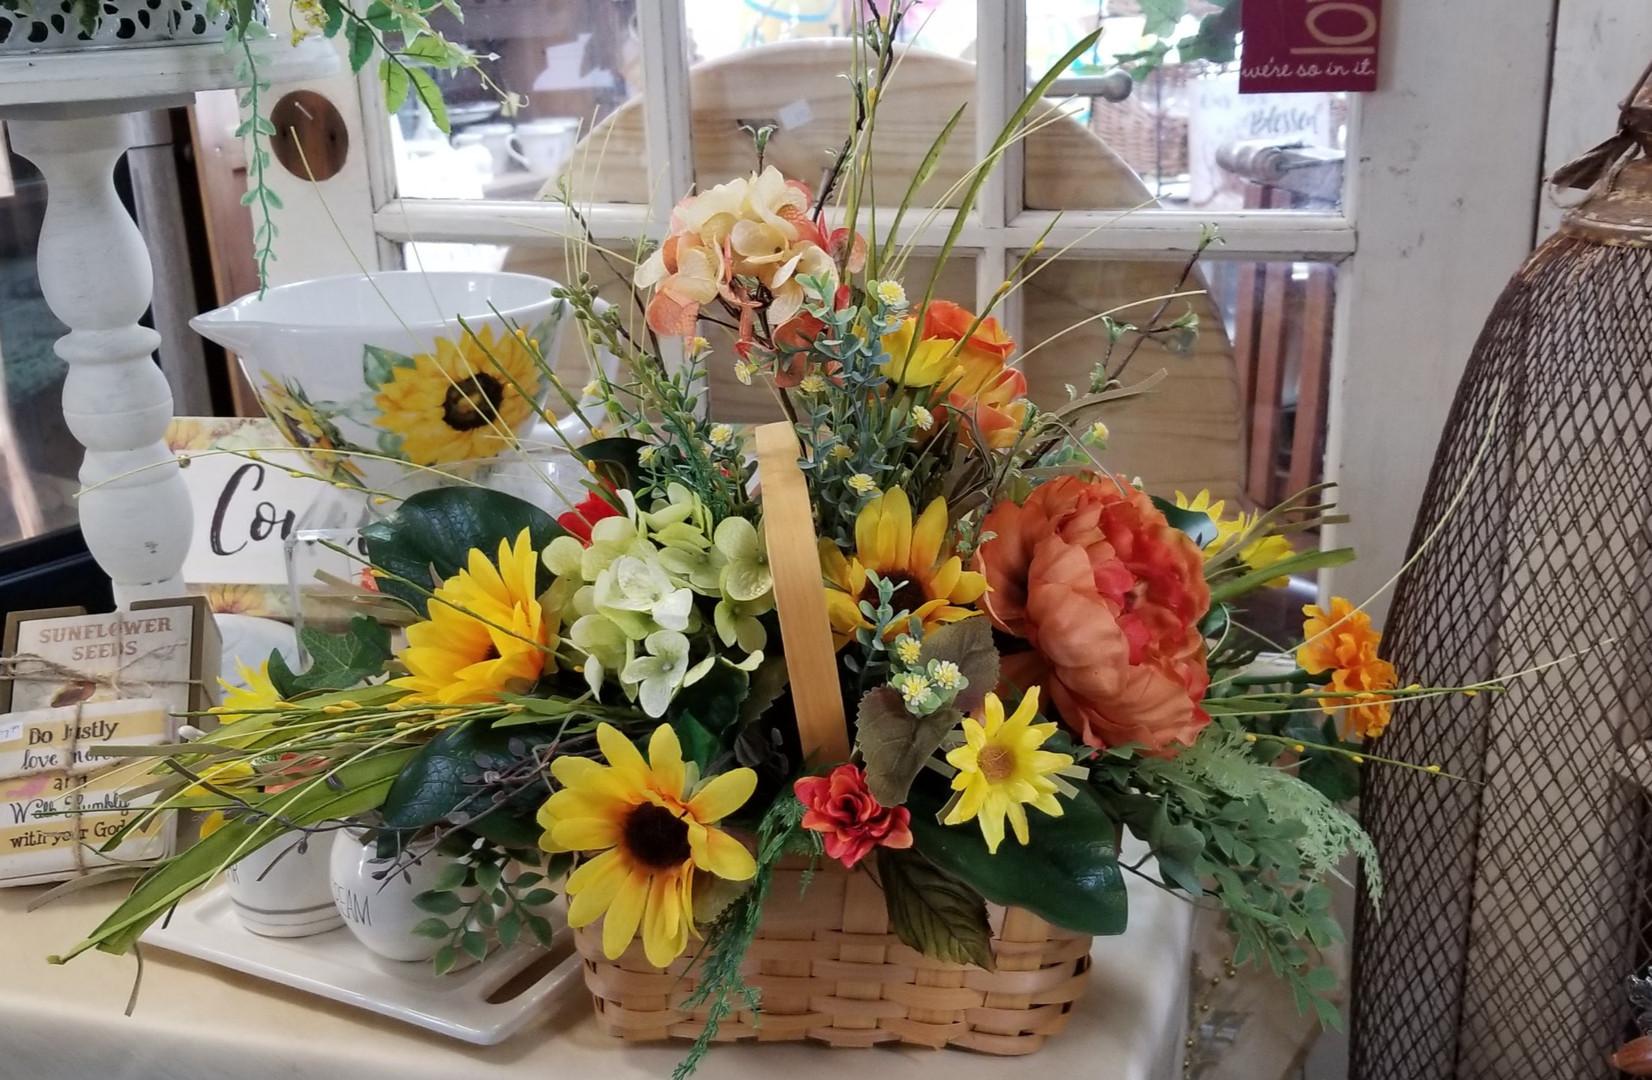 Wild Flowers in Basket